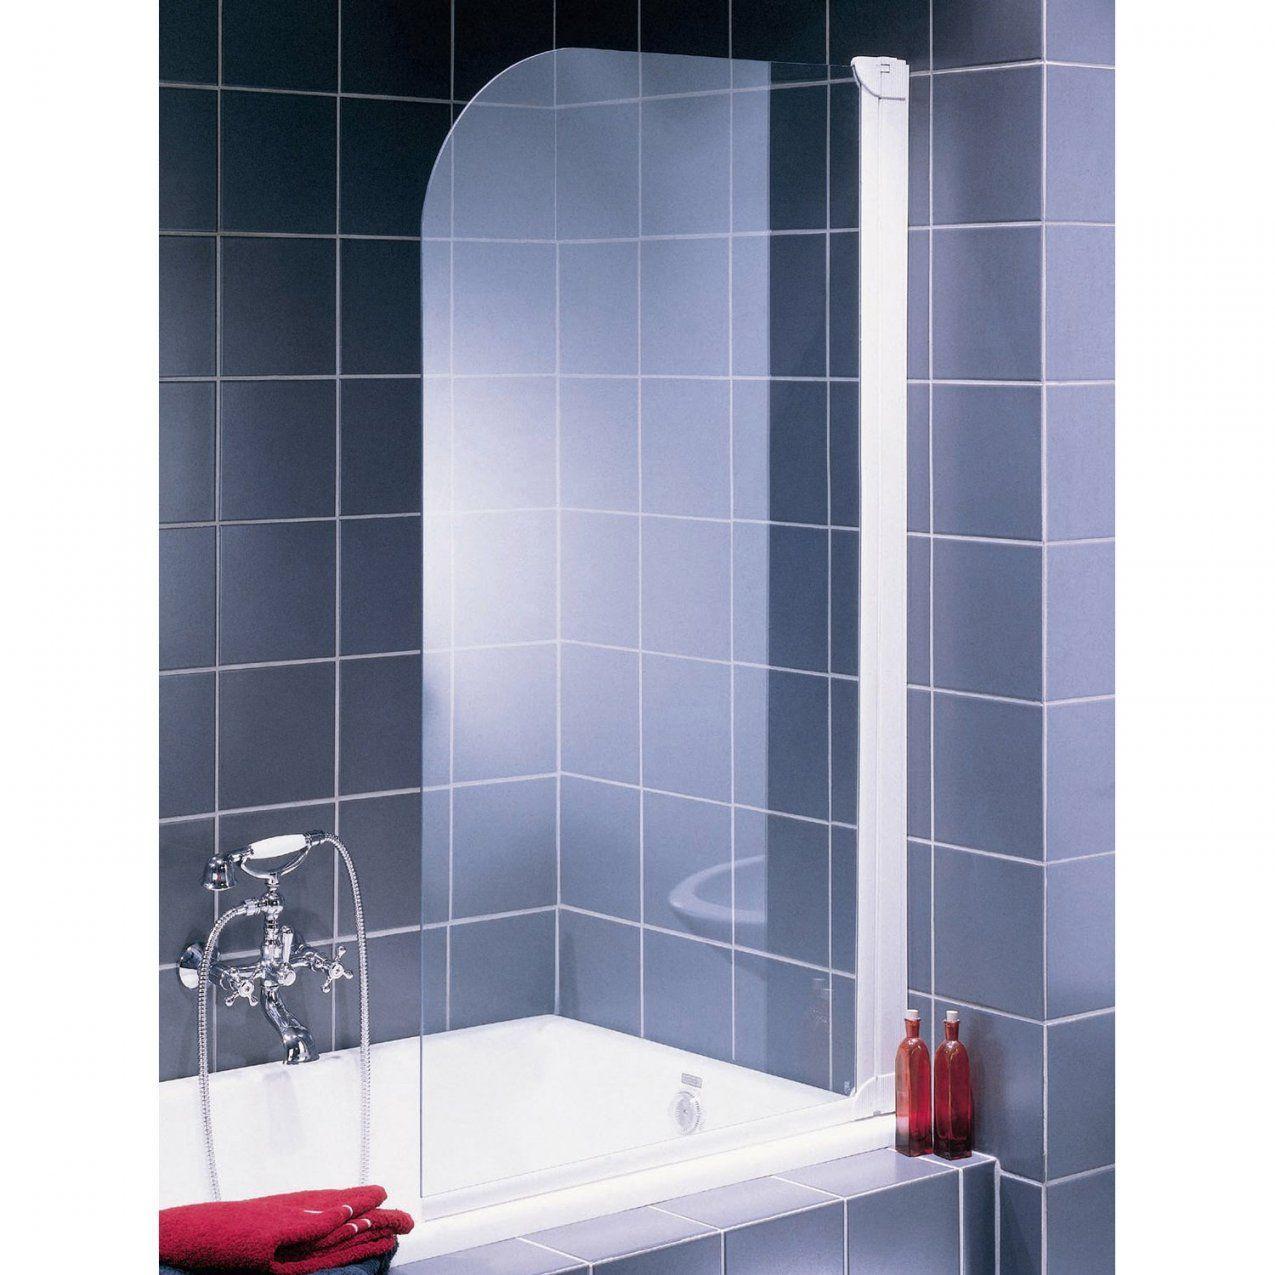 Duschwand Badewanne Kaufen Bei Obi Von Duschwand Fur Badewanne Obi Photo Duschwand Fur Badewanne Badewanne Duschwand